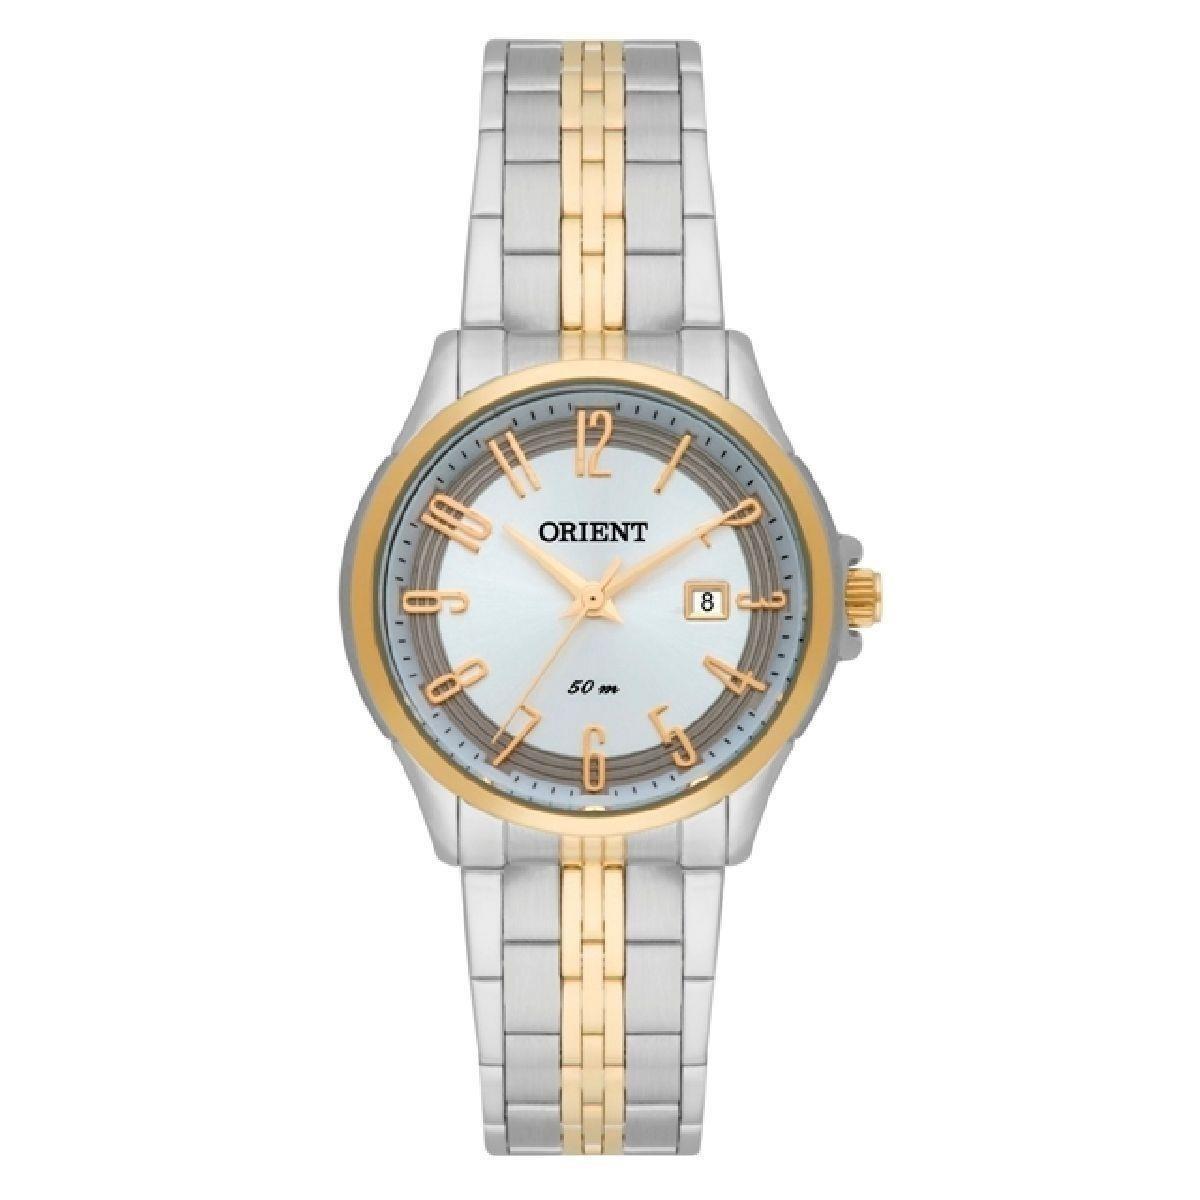 0f823c113e1 Relógio Orient Feminino Prata E Dourado C nf Ftss1091 S2sk - R  389 ...